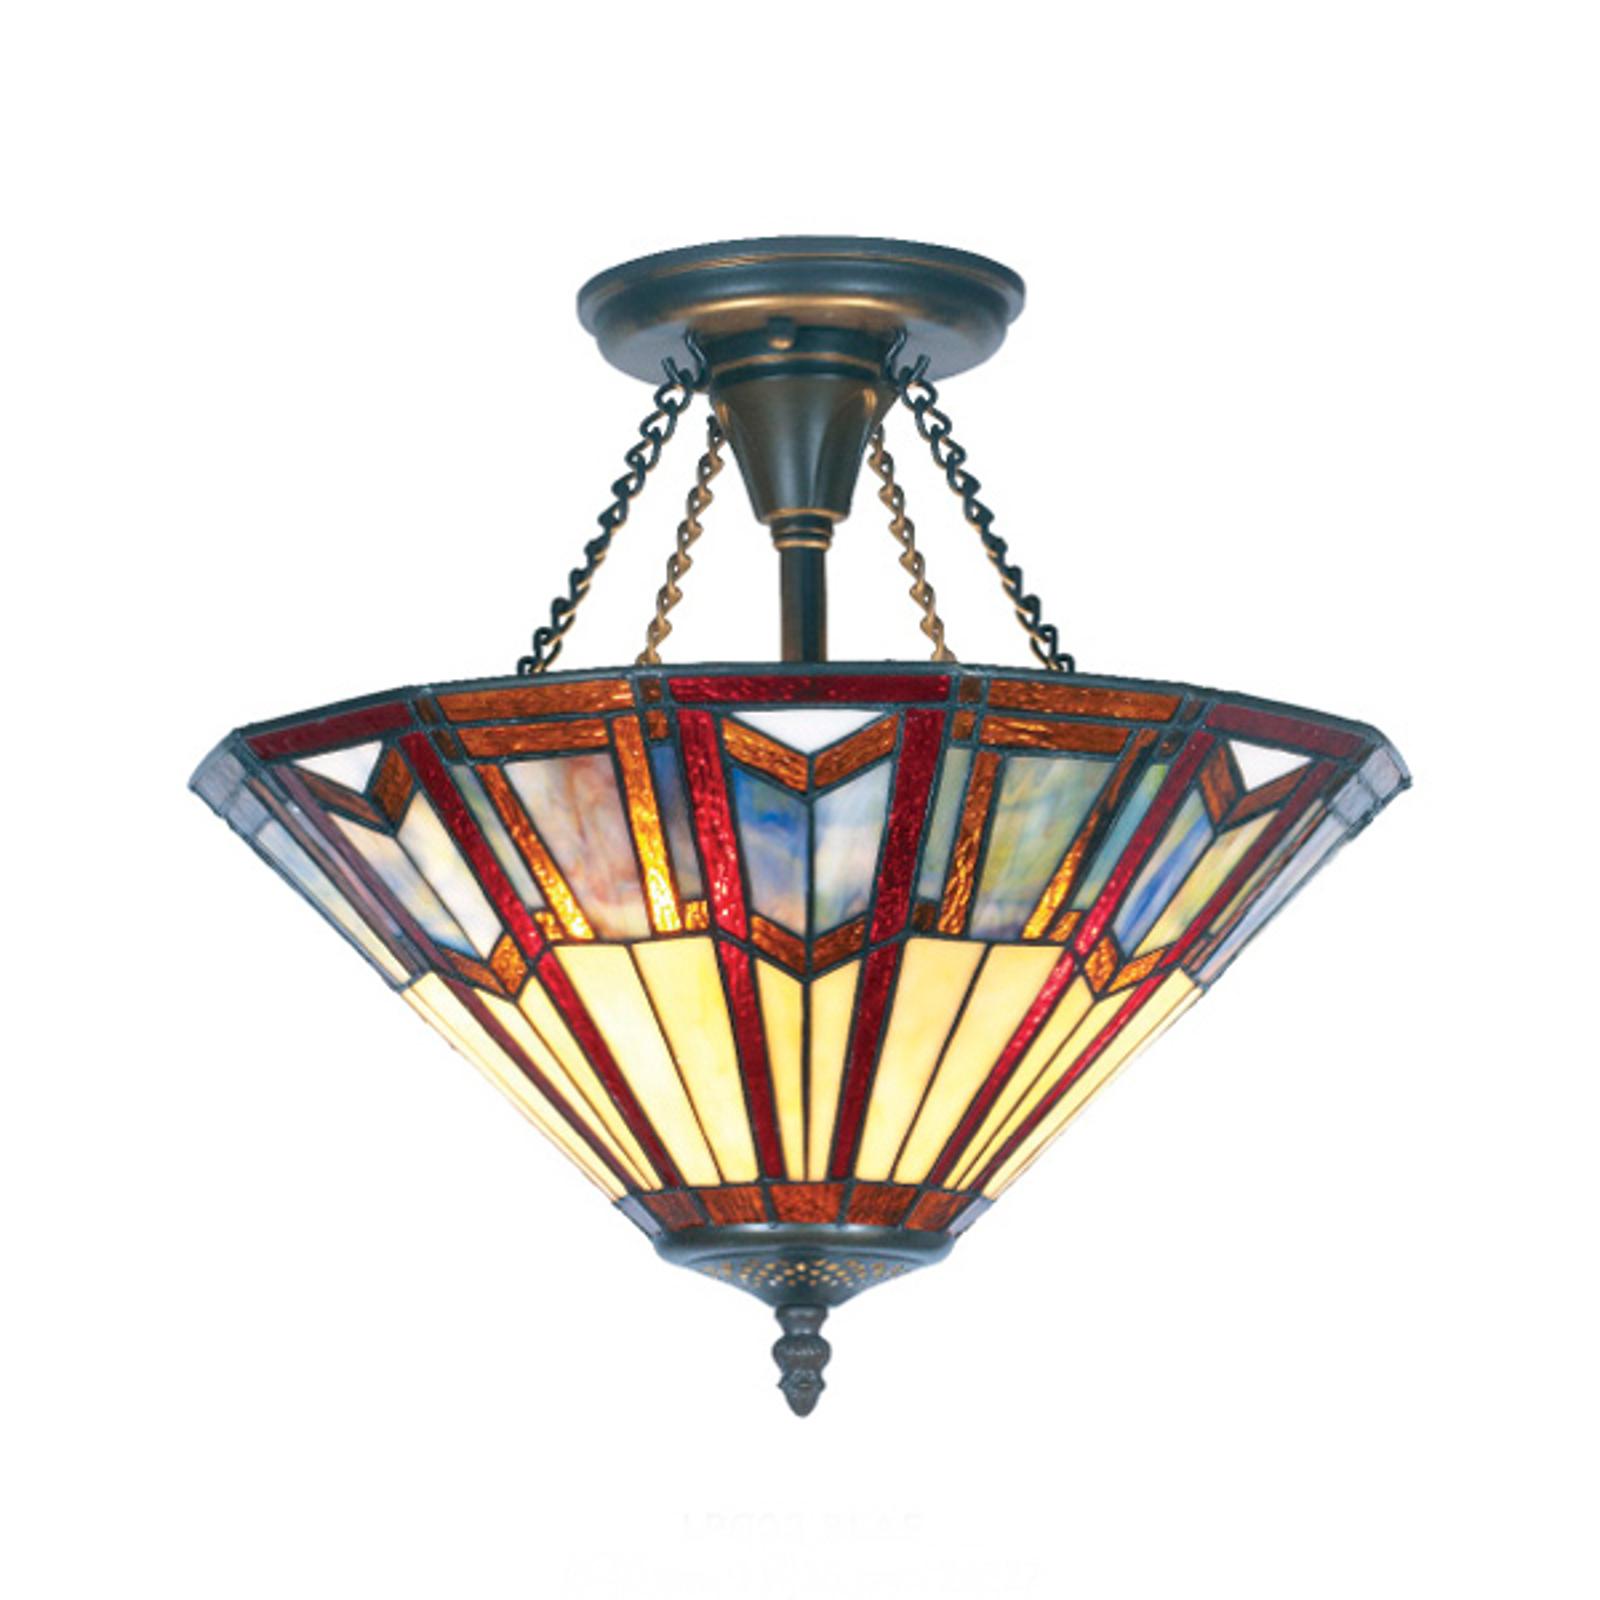 LILLIE taklampe i Tiffany-stil